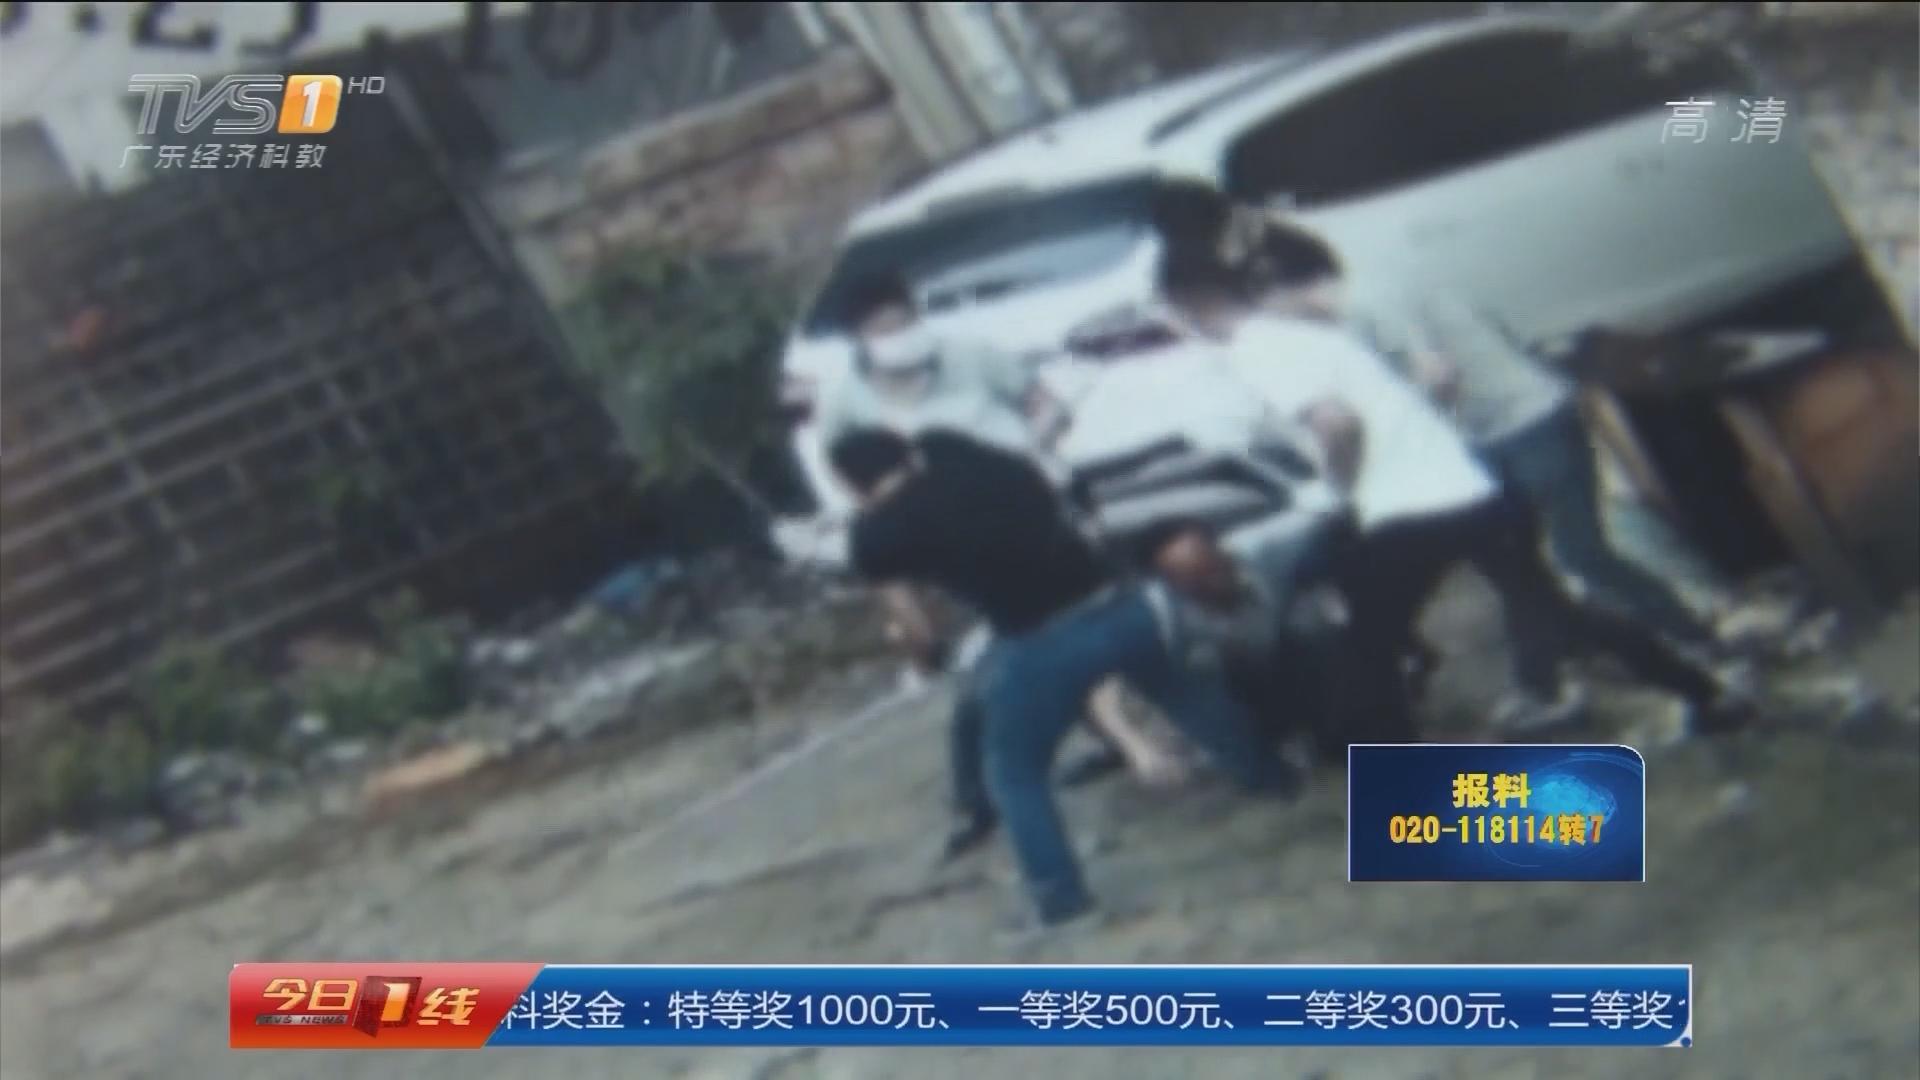 惠州:六旬老人遭蒙面男围殴 警方介入